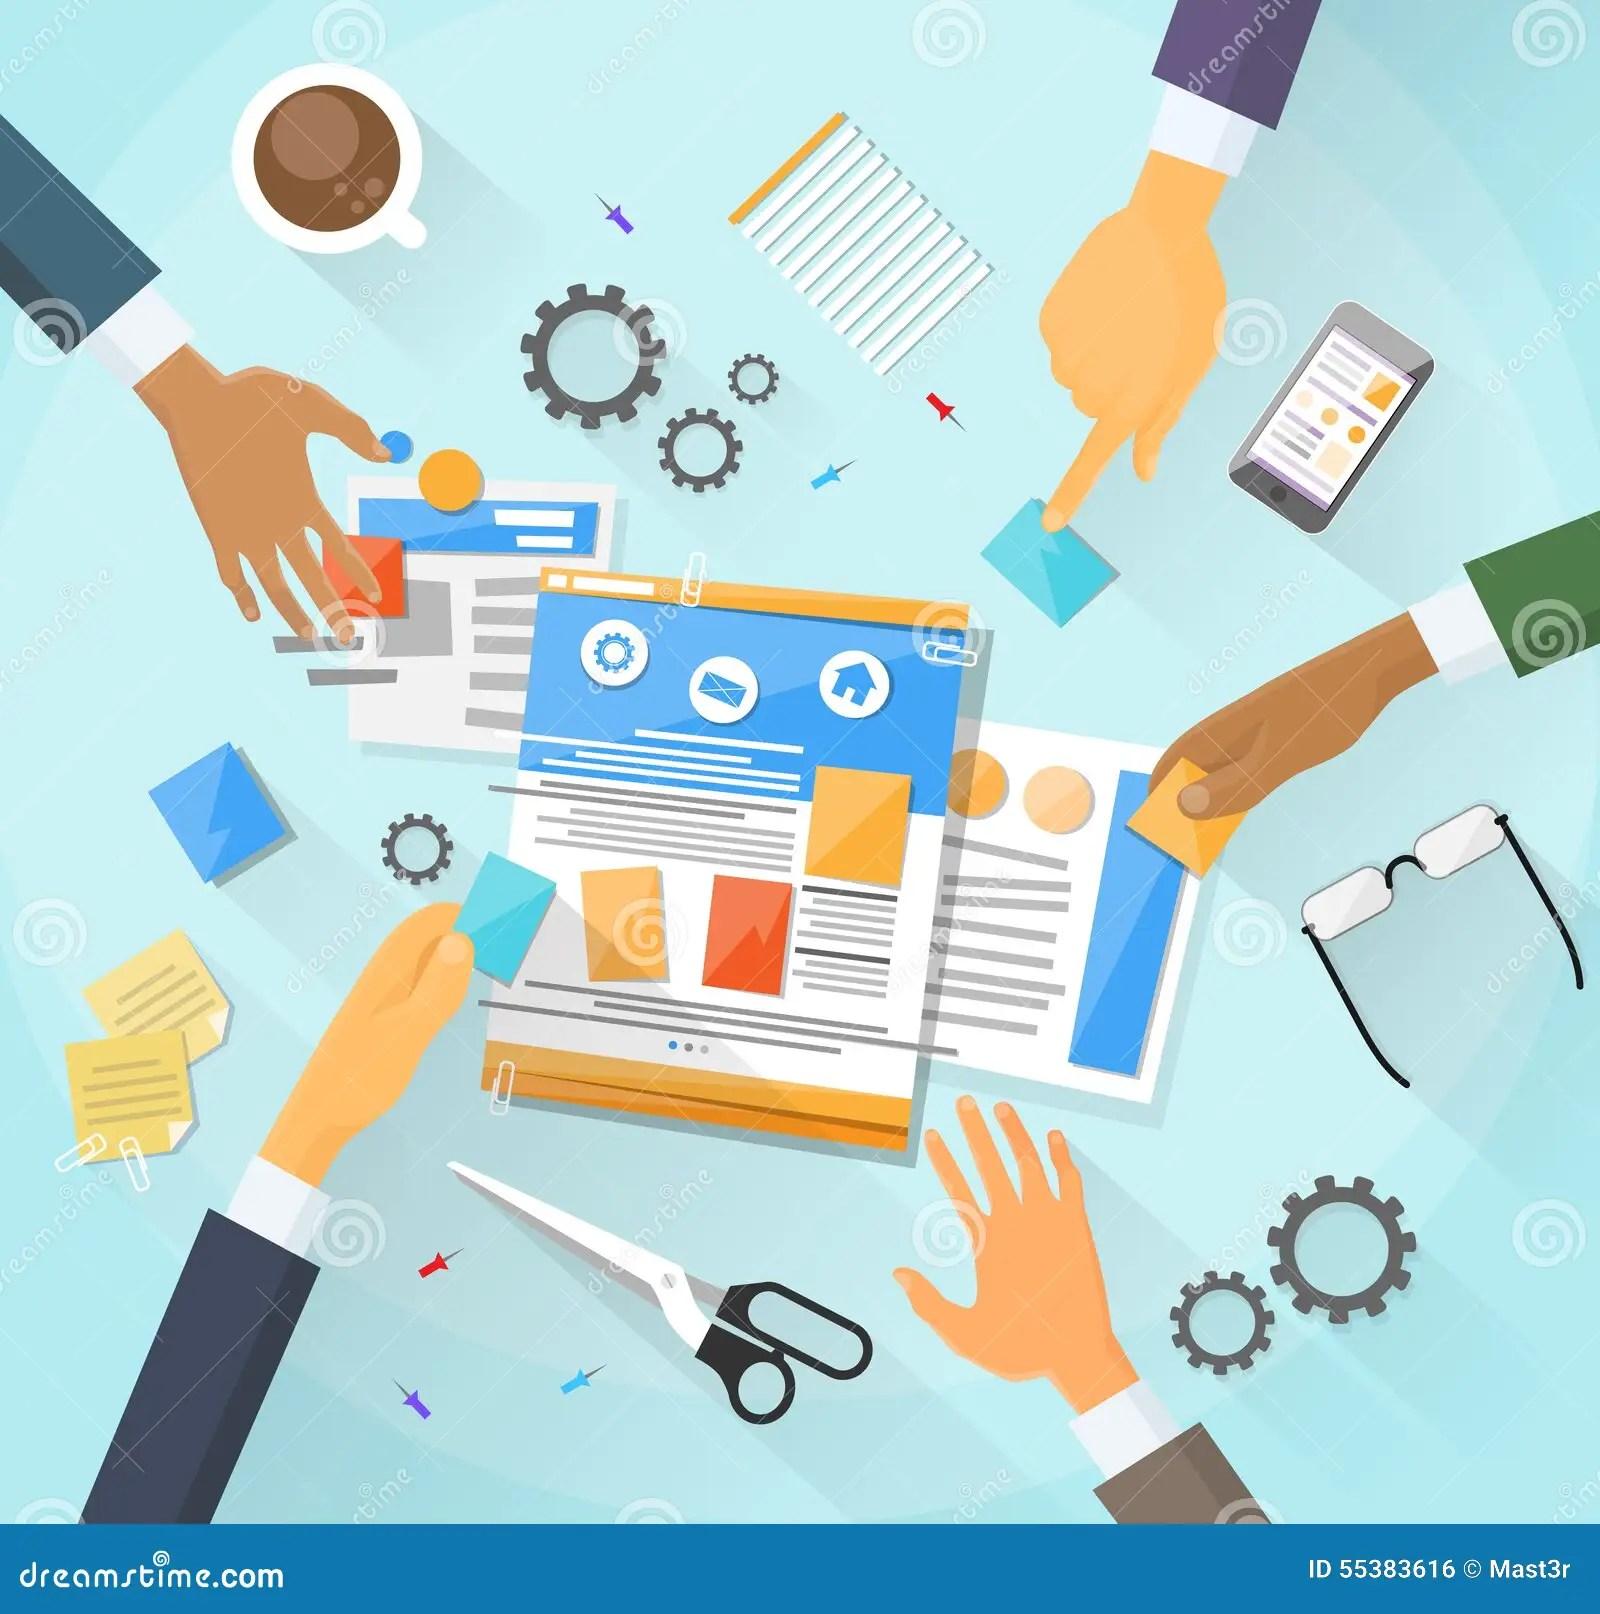 Calendar Create Id Example Domain Web Development Create Design Site Building Team Stock